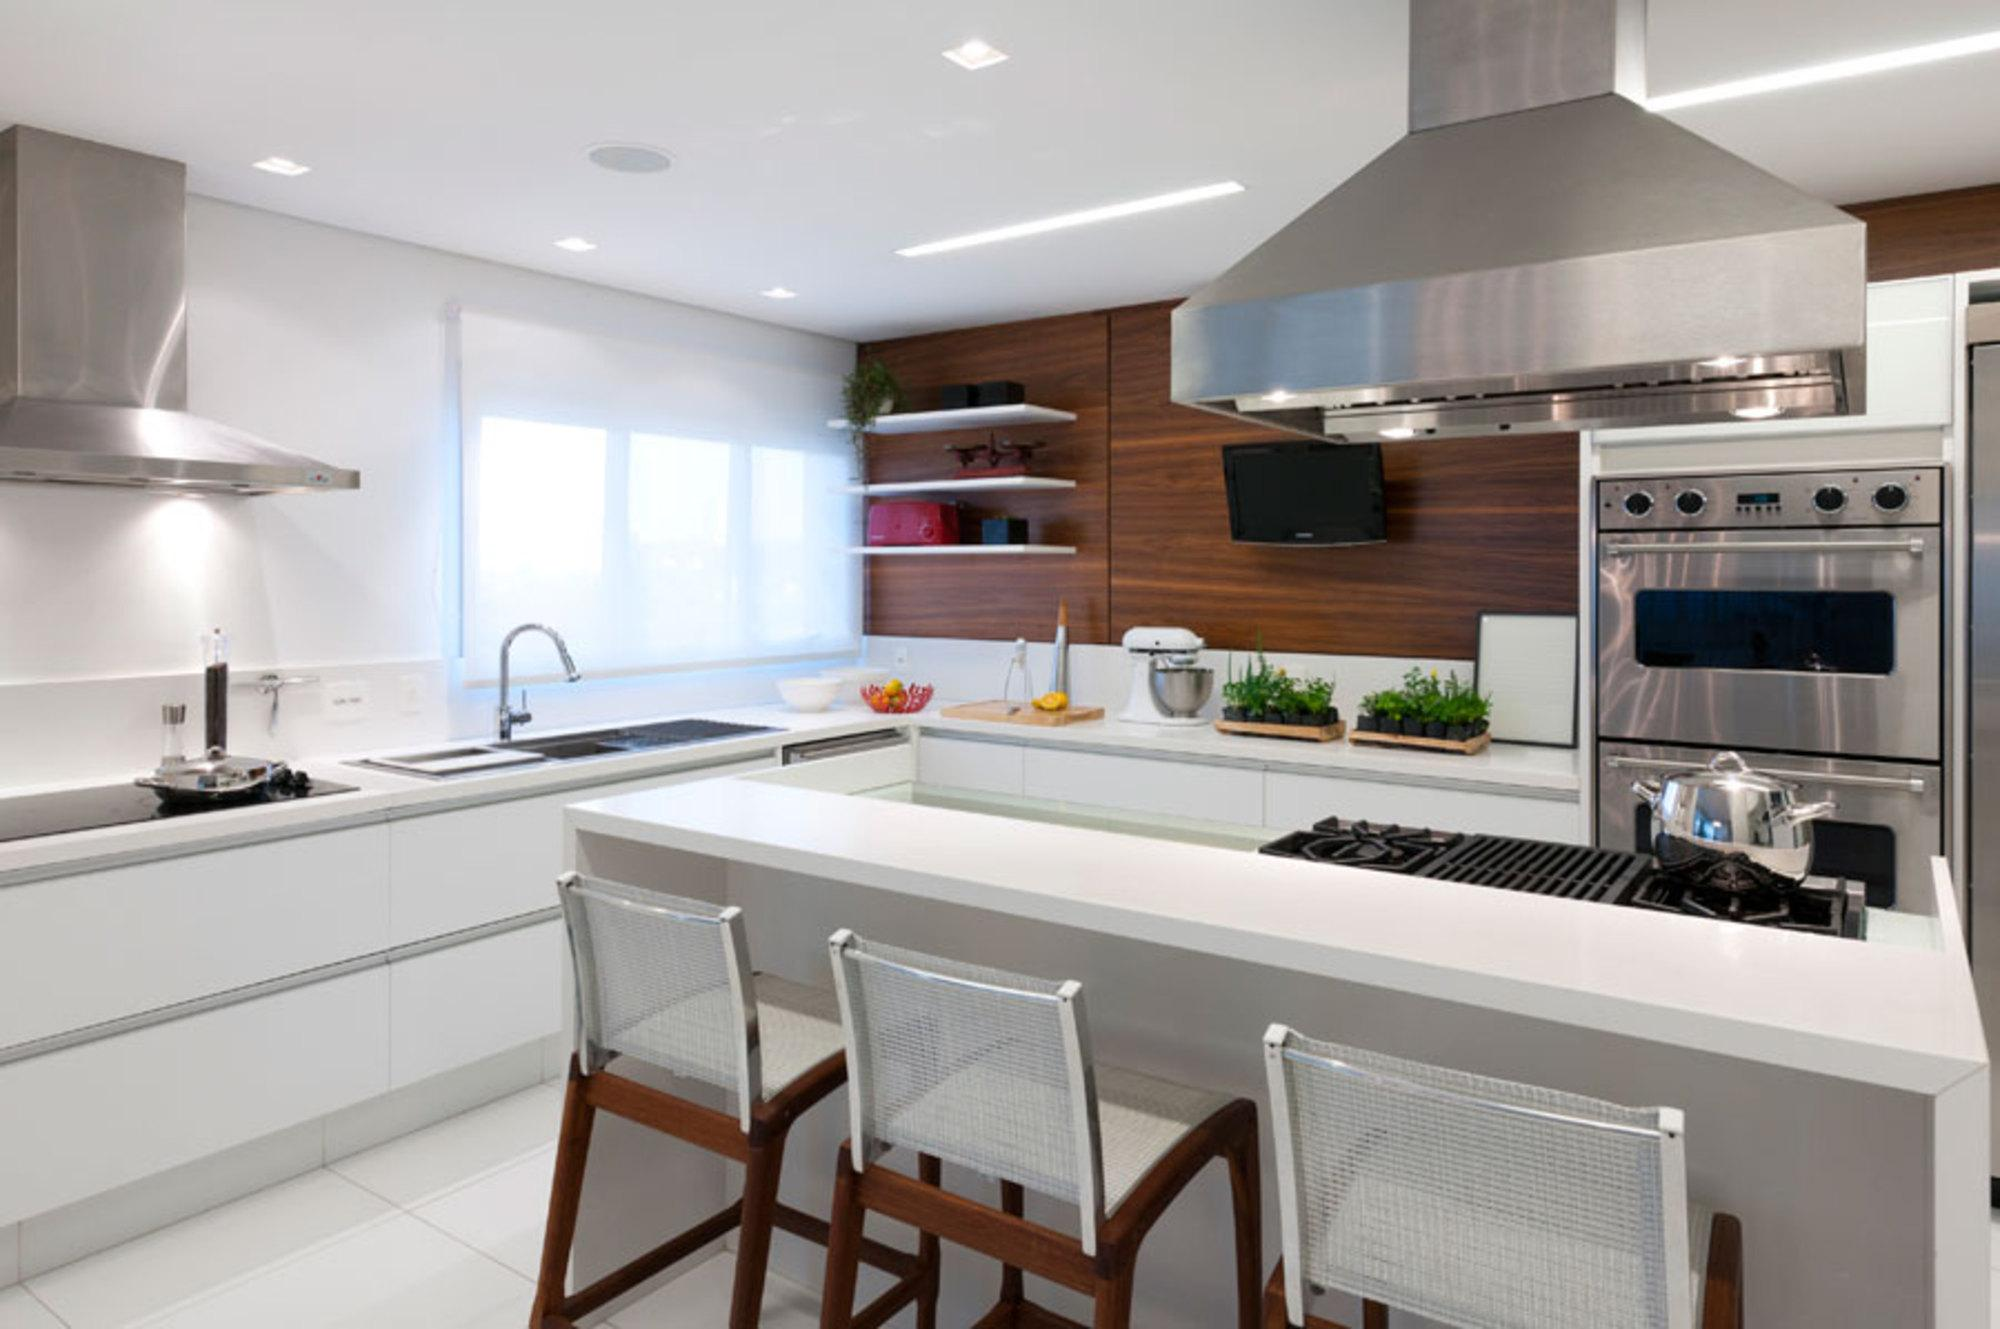 Imagem 24 – A cozinha ganhou até um espaço para embutir a TV. #634030 2000 1329